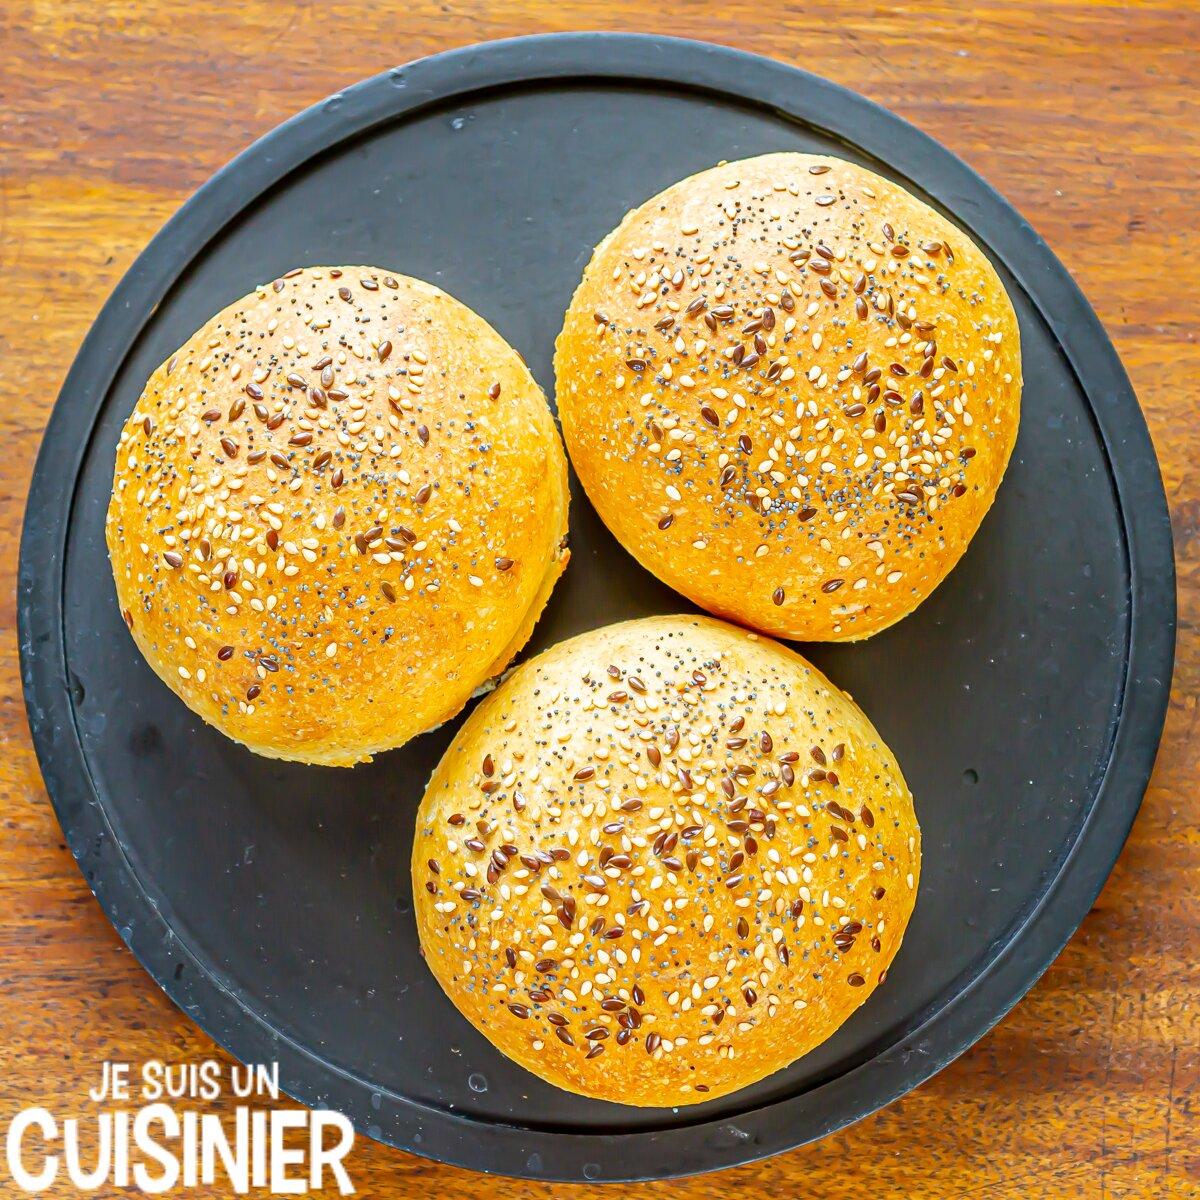 Recette de pain burger maison